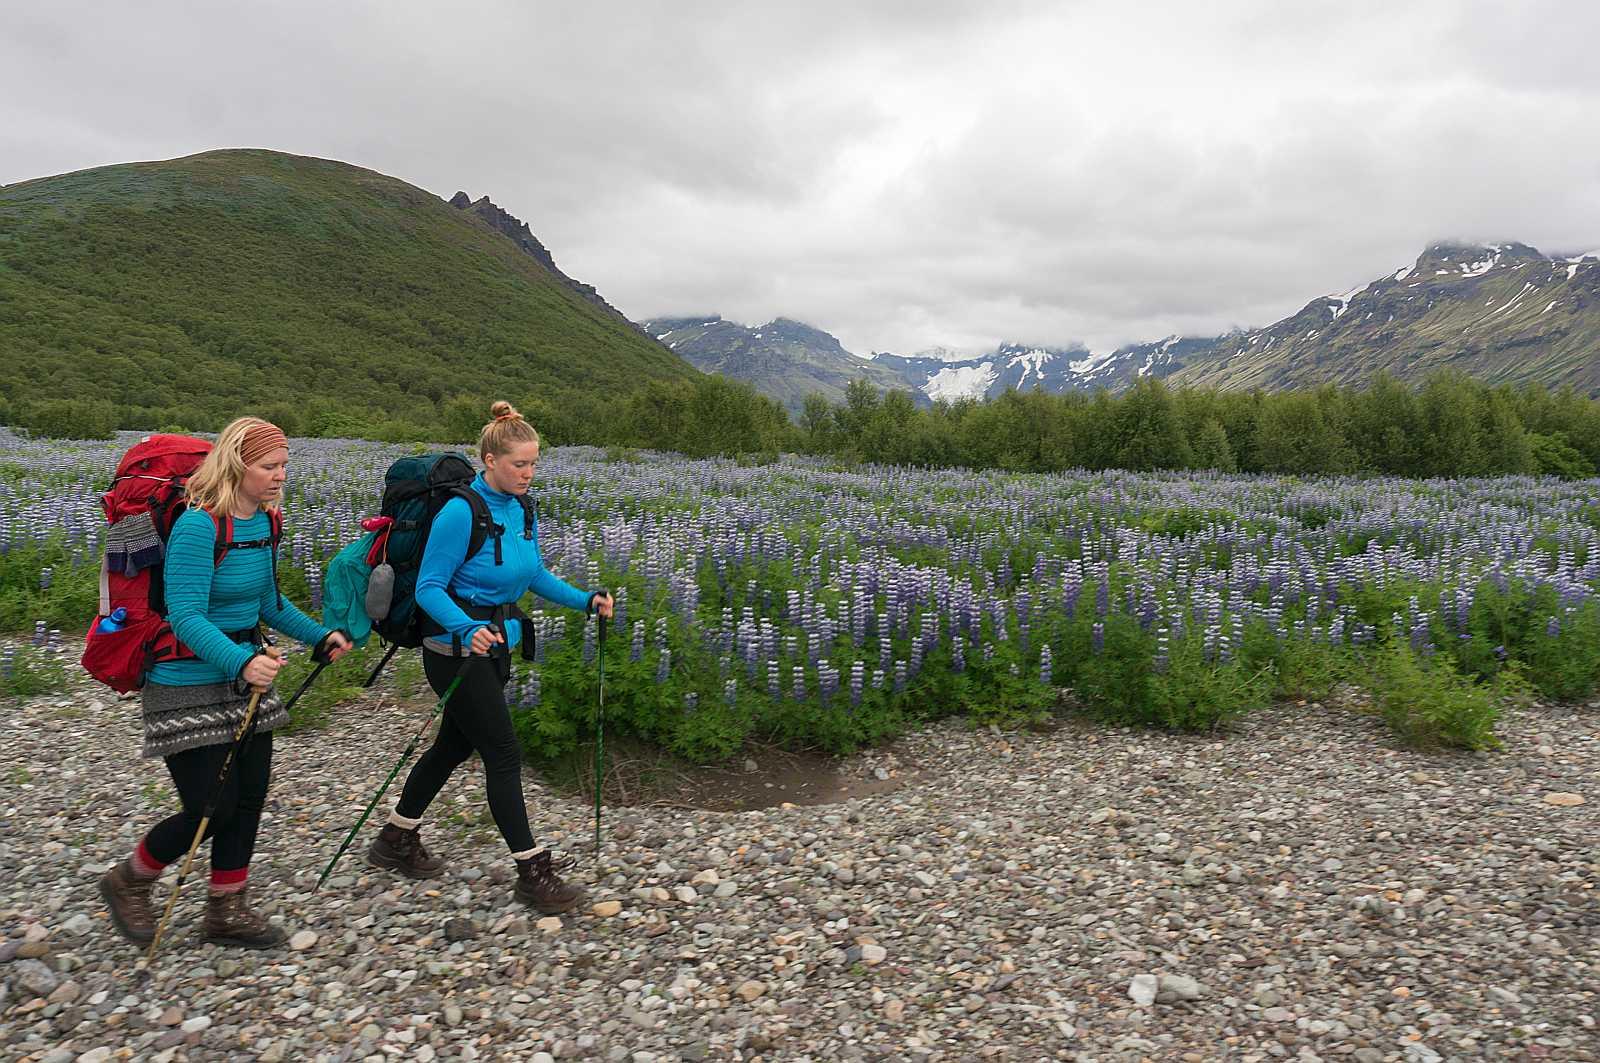 冰岛夏季盛开灿烂的鲁冰花,在中央内陆高地徒步也能邂逅它们